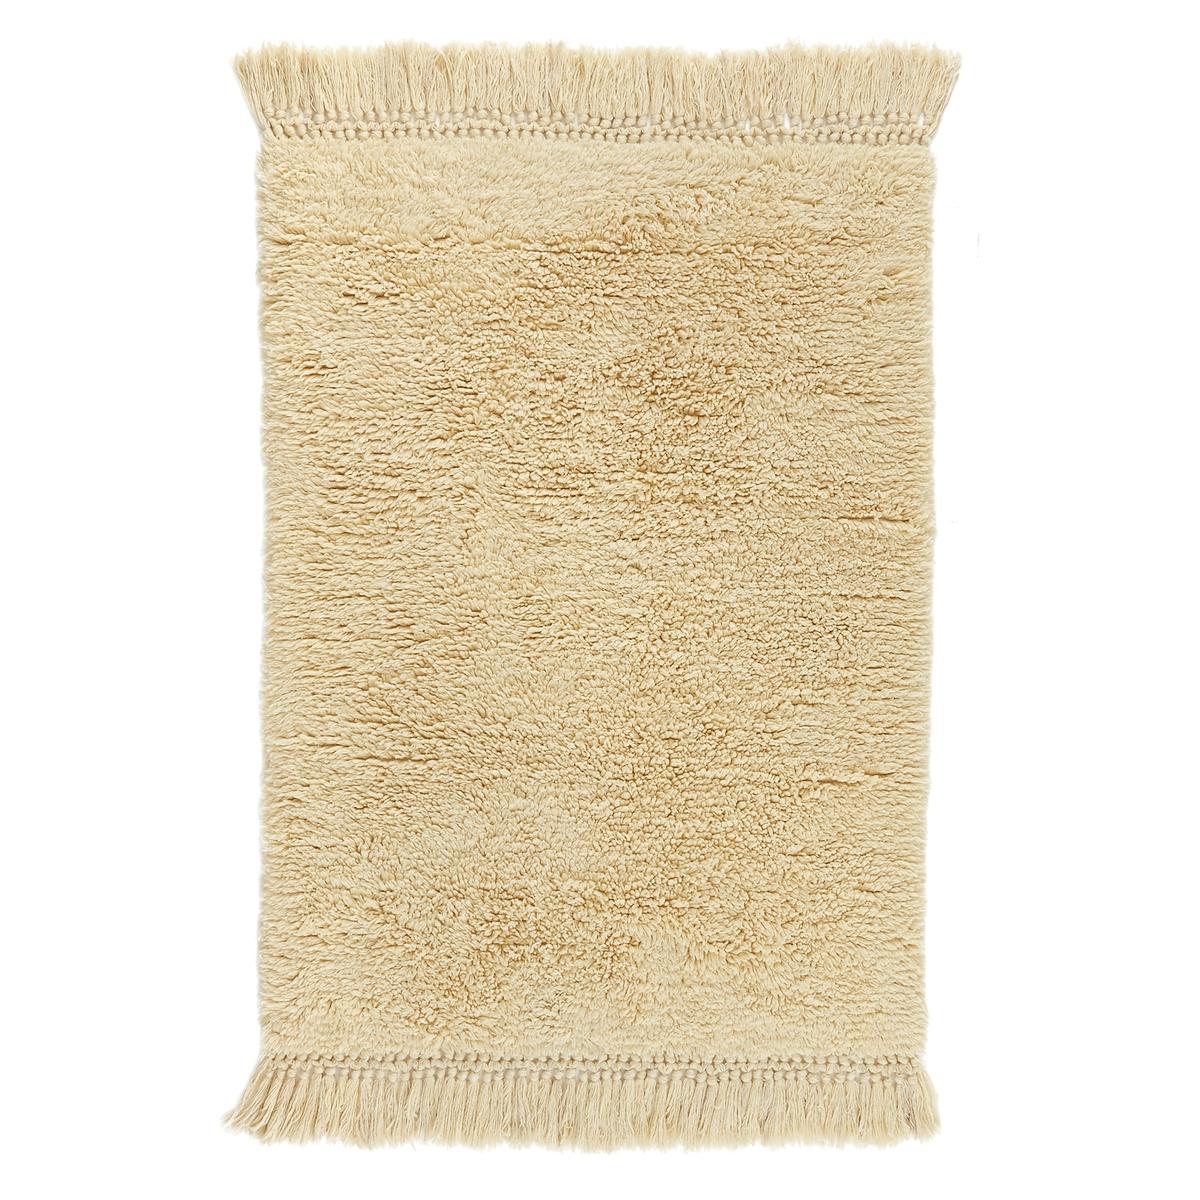 Ковер La Redoute В берберском стиле из шерсти Shadi 120 x 180 см бежевый ковер la redoute в берберском стиле из шерсти tekouma 120 x 180 см бежевый